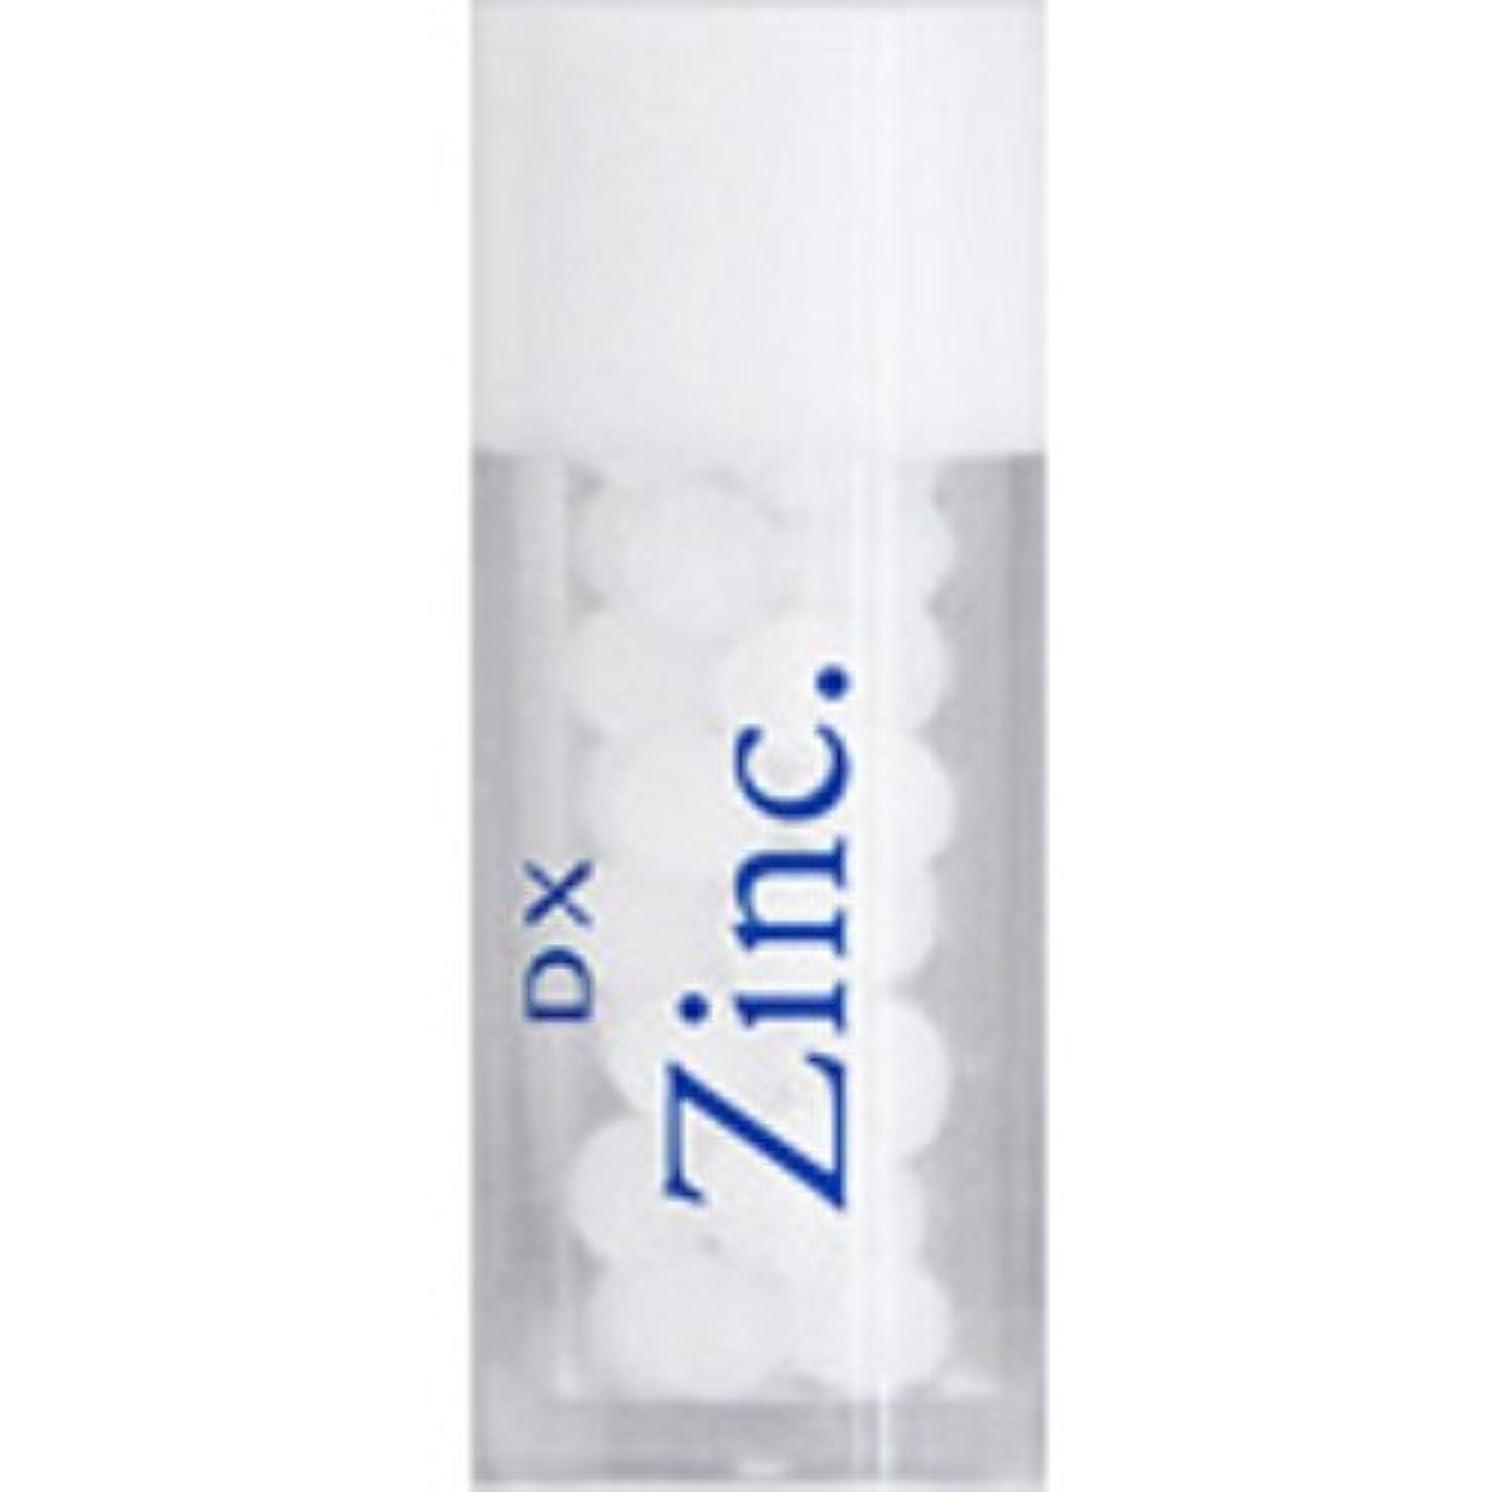 リサイクルする気候急速なホメオパシージャパンレメディー DX Zinc.  ディーエックス ジンカム (小ビン)